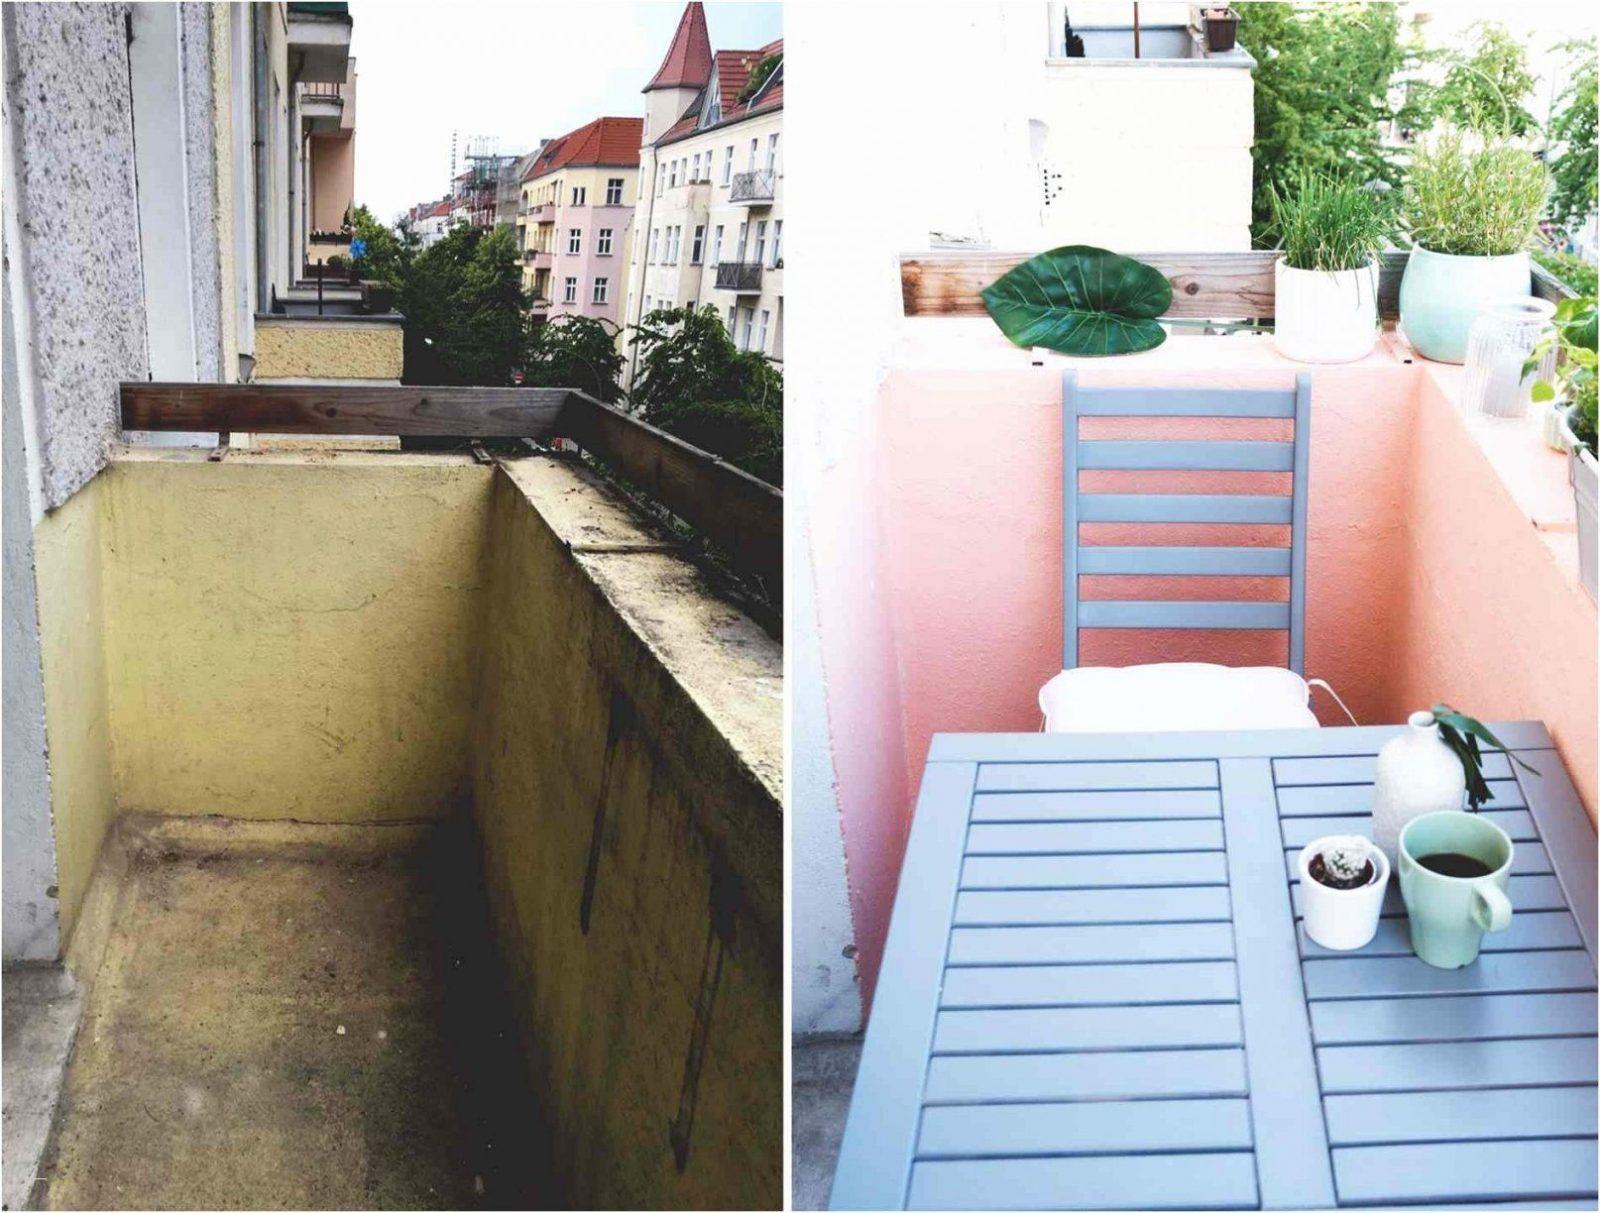 Balkongestaltung Schmaler Balkon Luxus Balkonmobel Fur Kleinen von Tisch Für Kleinen Balkon Photo